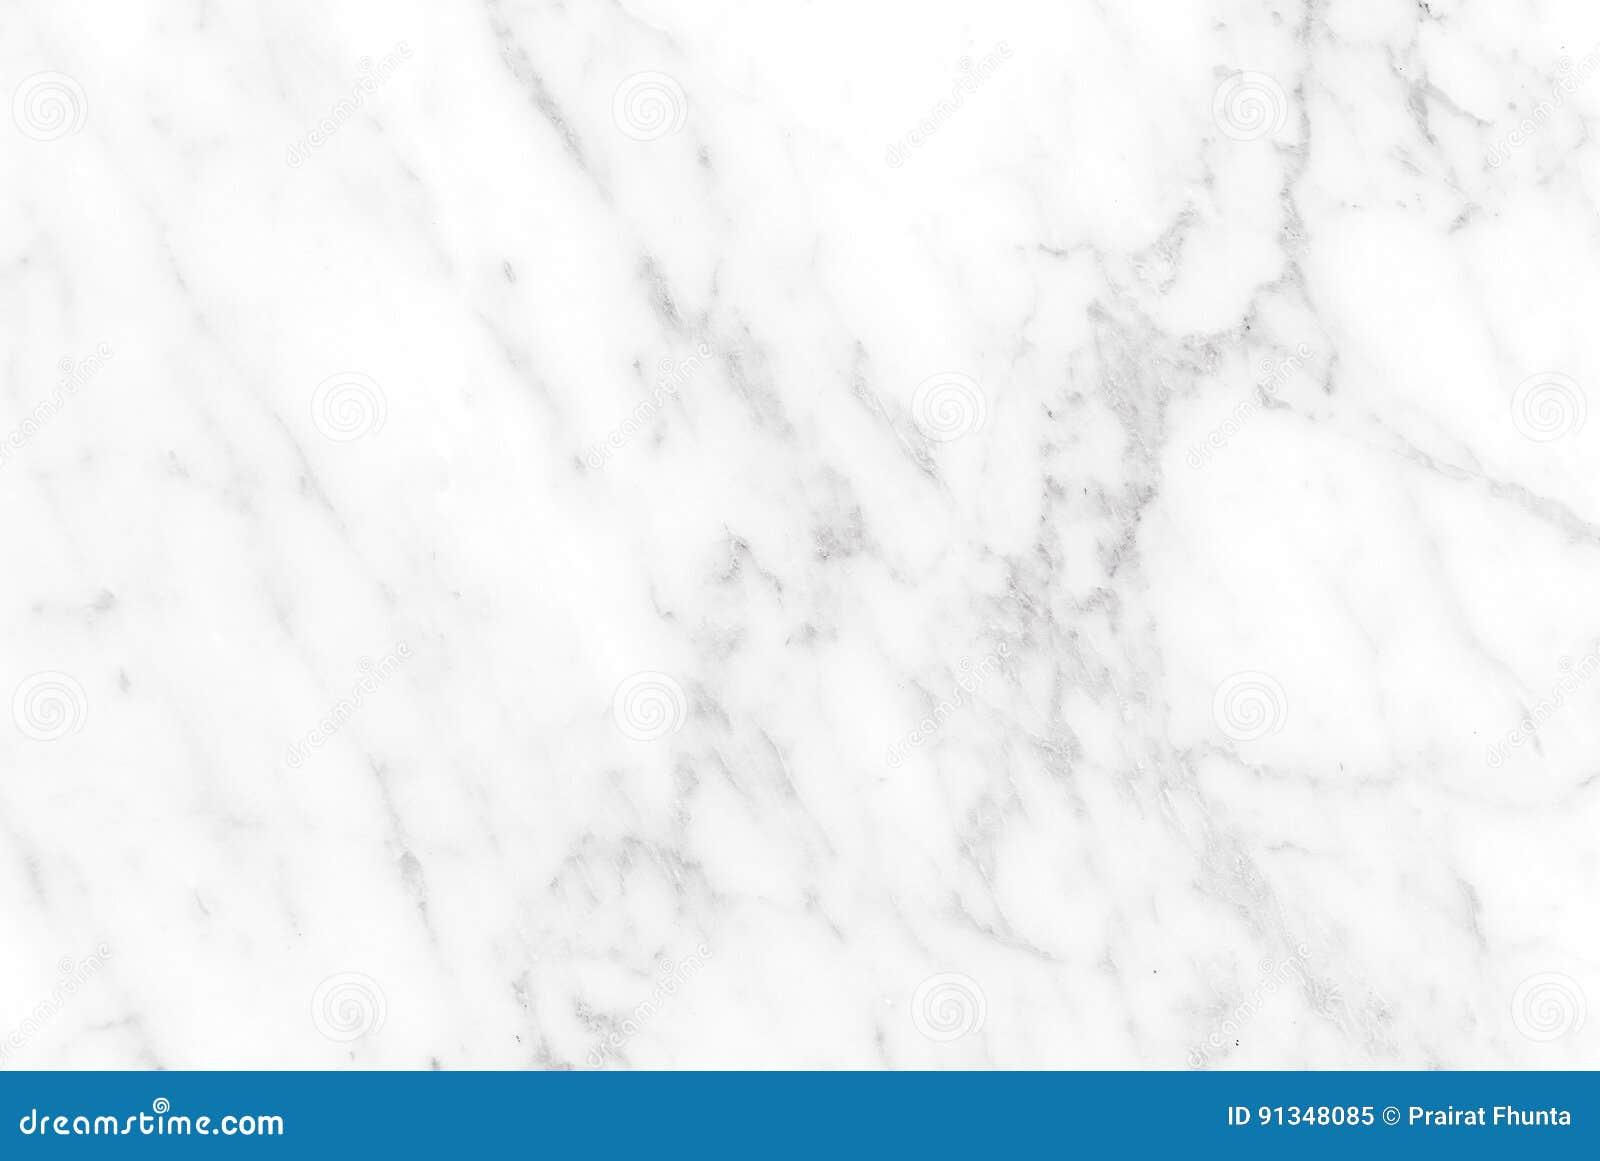 Белая мраморная текстура, картина для предпосылки обоев плитки кожи роскошной